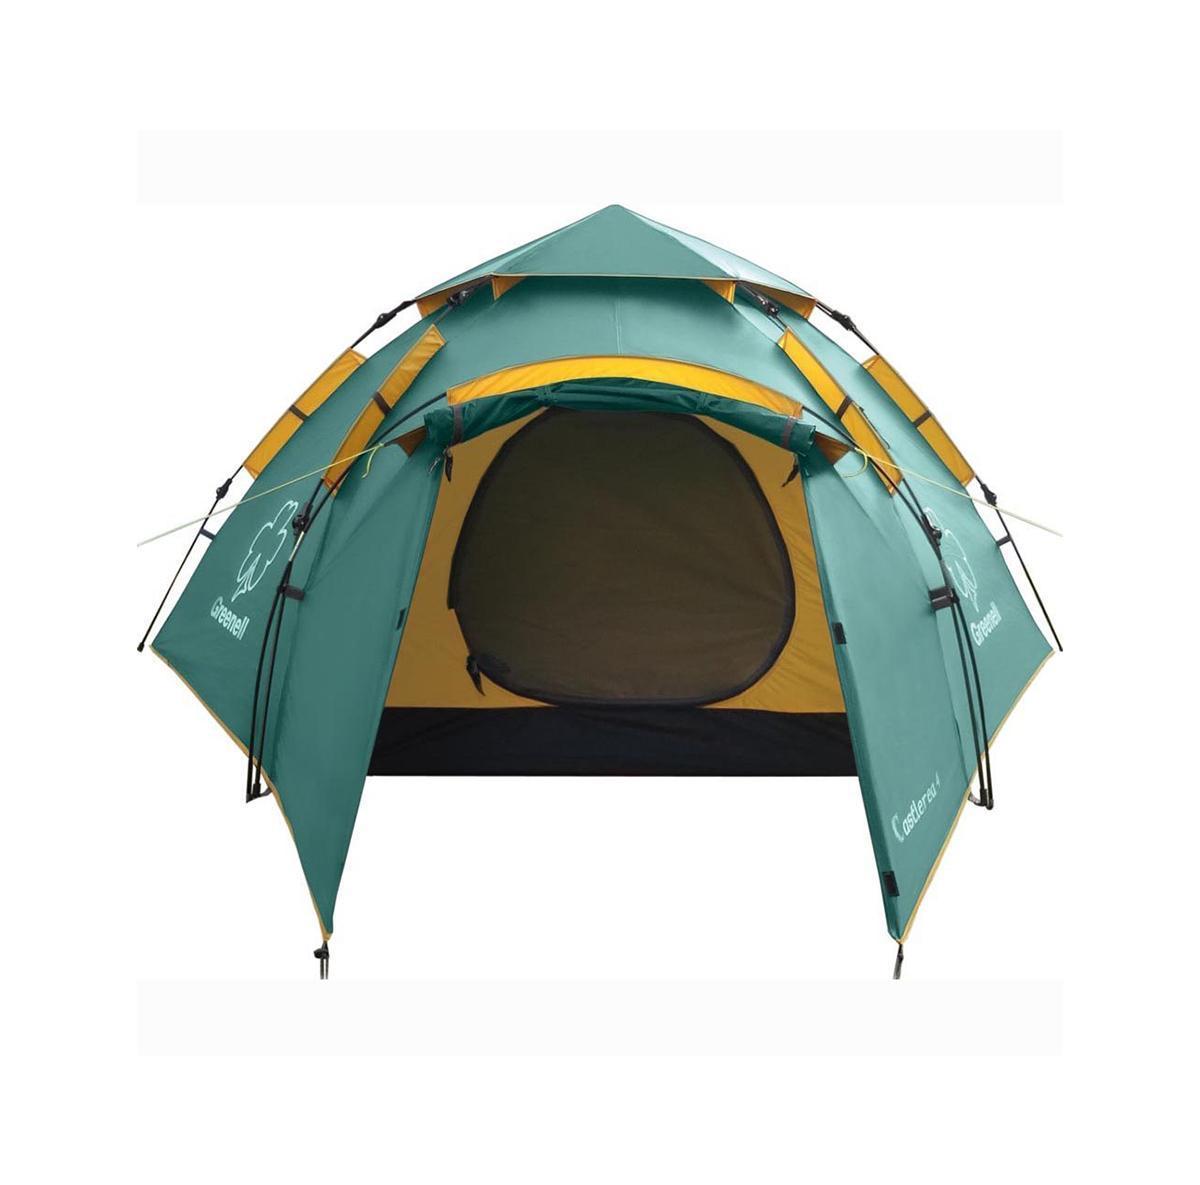 Палатка Greenell Каслрей 4 Green палатки greenell палатка керри 2 v3